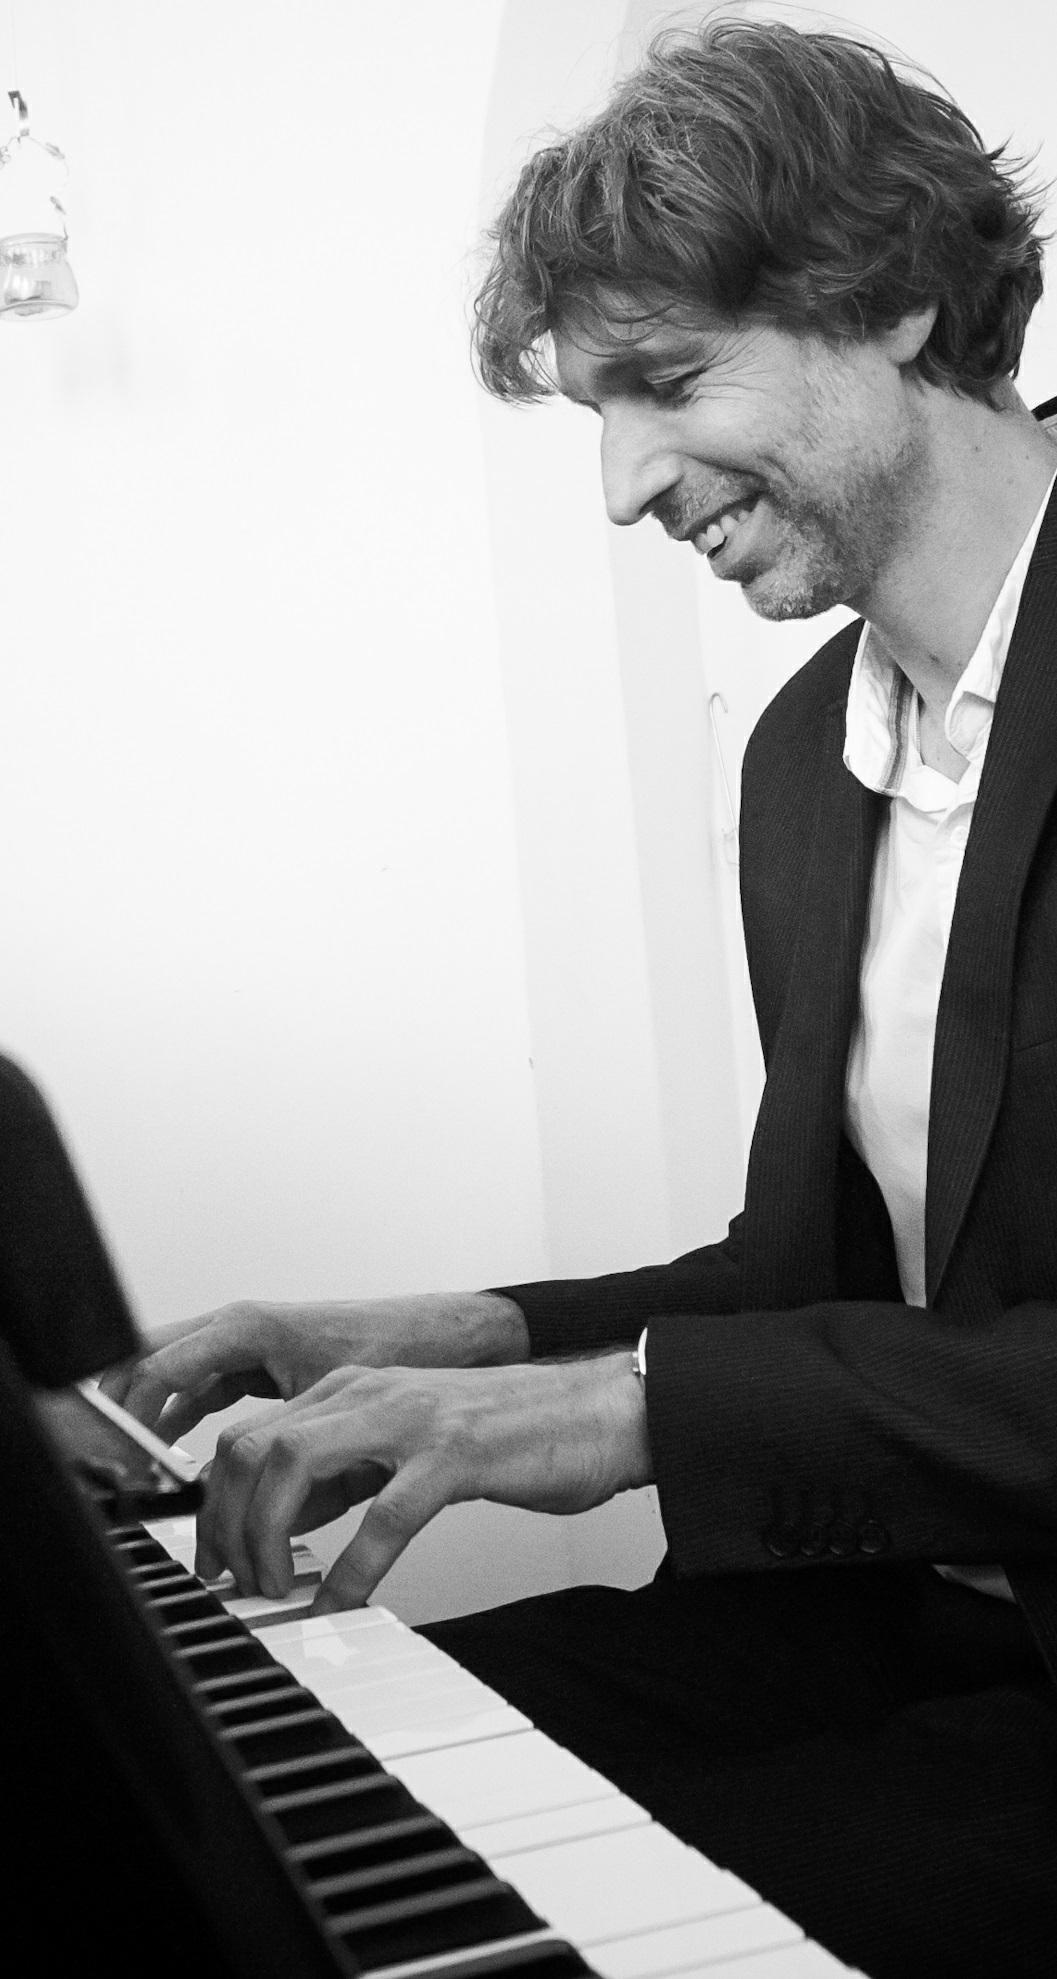 Pianoles Nijmegen Gertjan Eldering